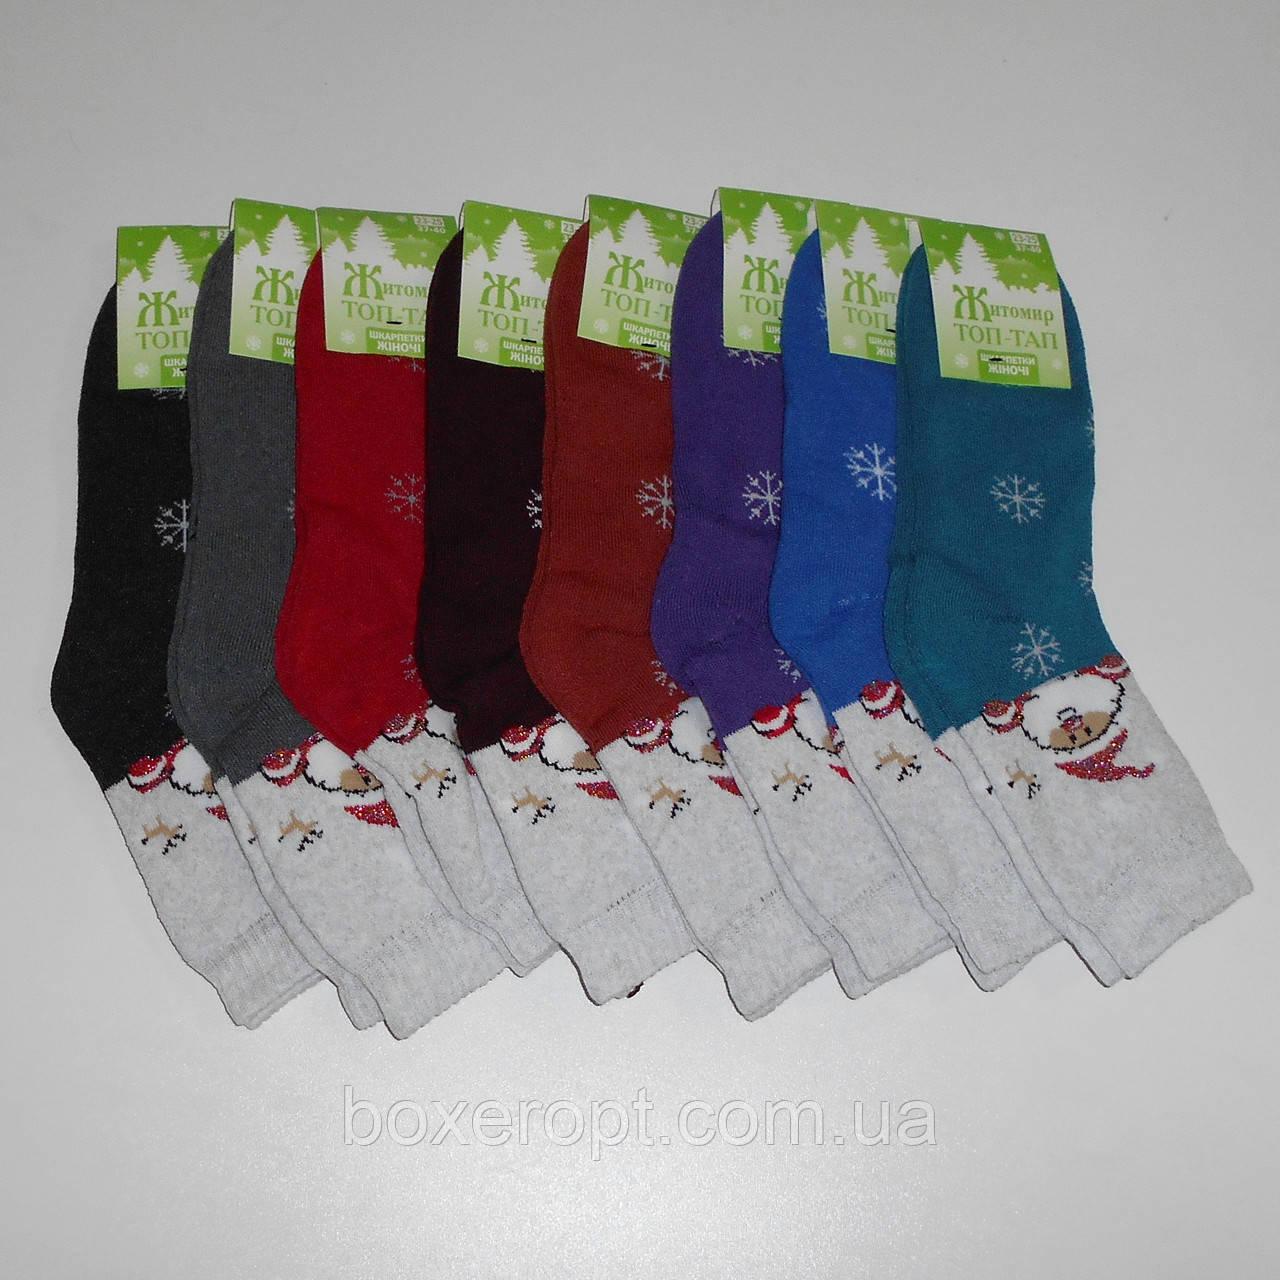 Женские махровые носки Топ-Тап - 11.50 грн./пара (Дед Мороз)